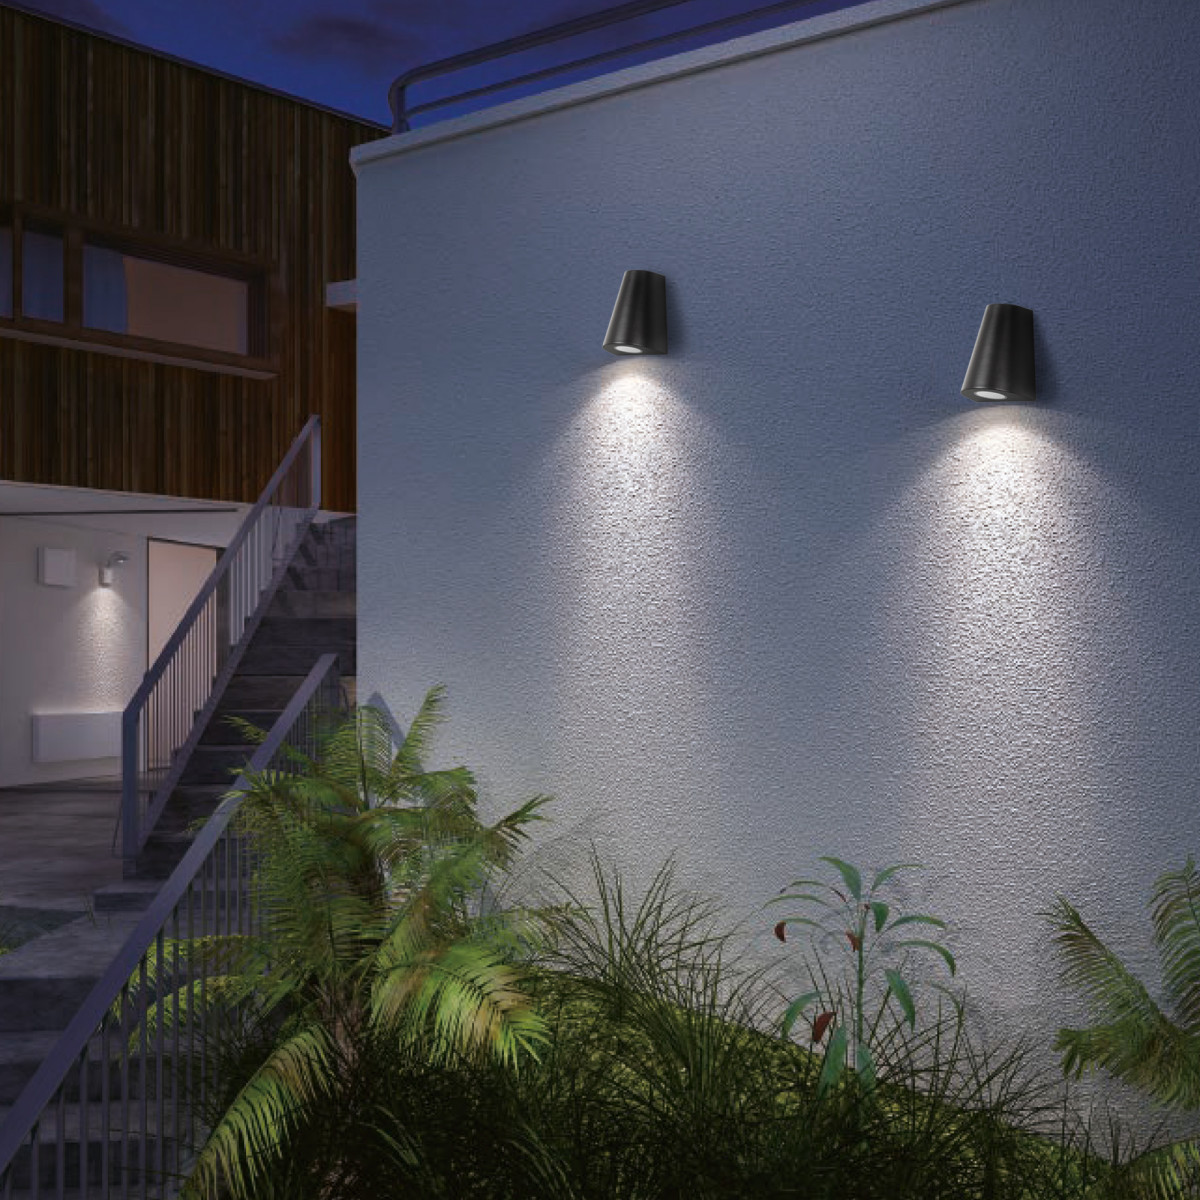 Buitenlamp Cone Downlighter, moderne wandverlichting voor indoor & outdoor, conisch vormgegeven in mooie roest kleur, corten staal kleur, KS kwaliteitsverlichting